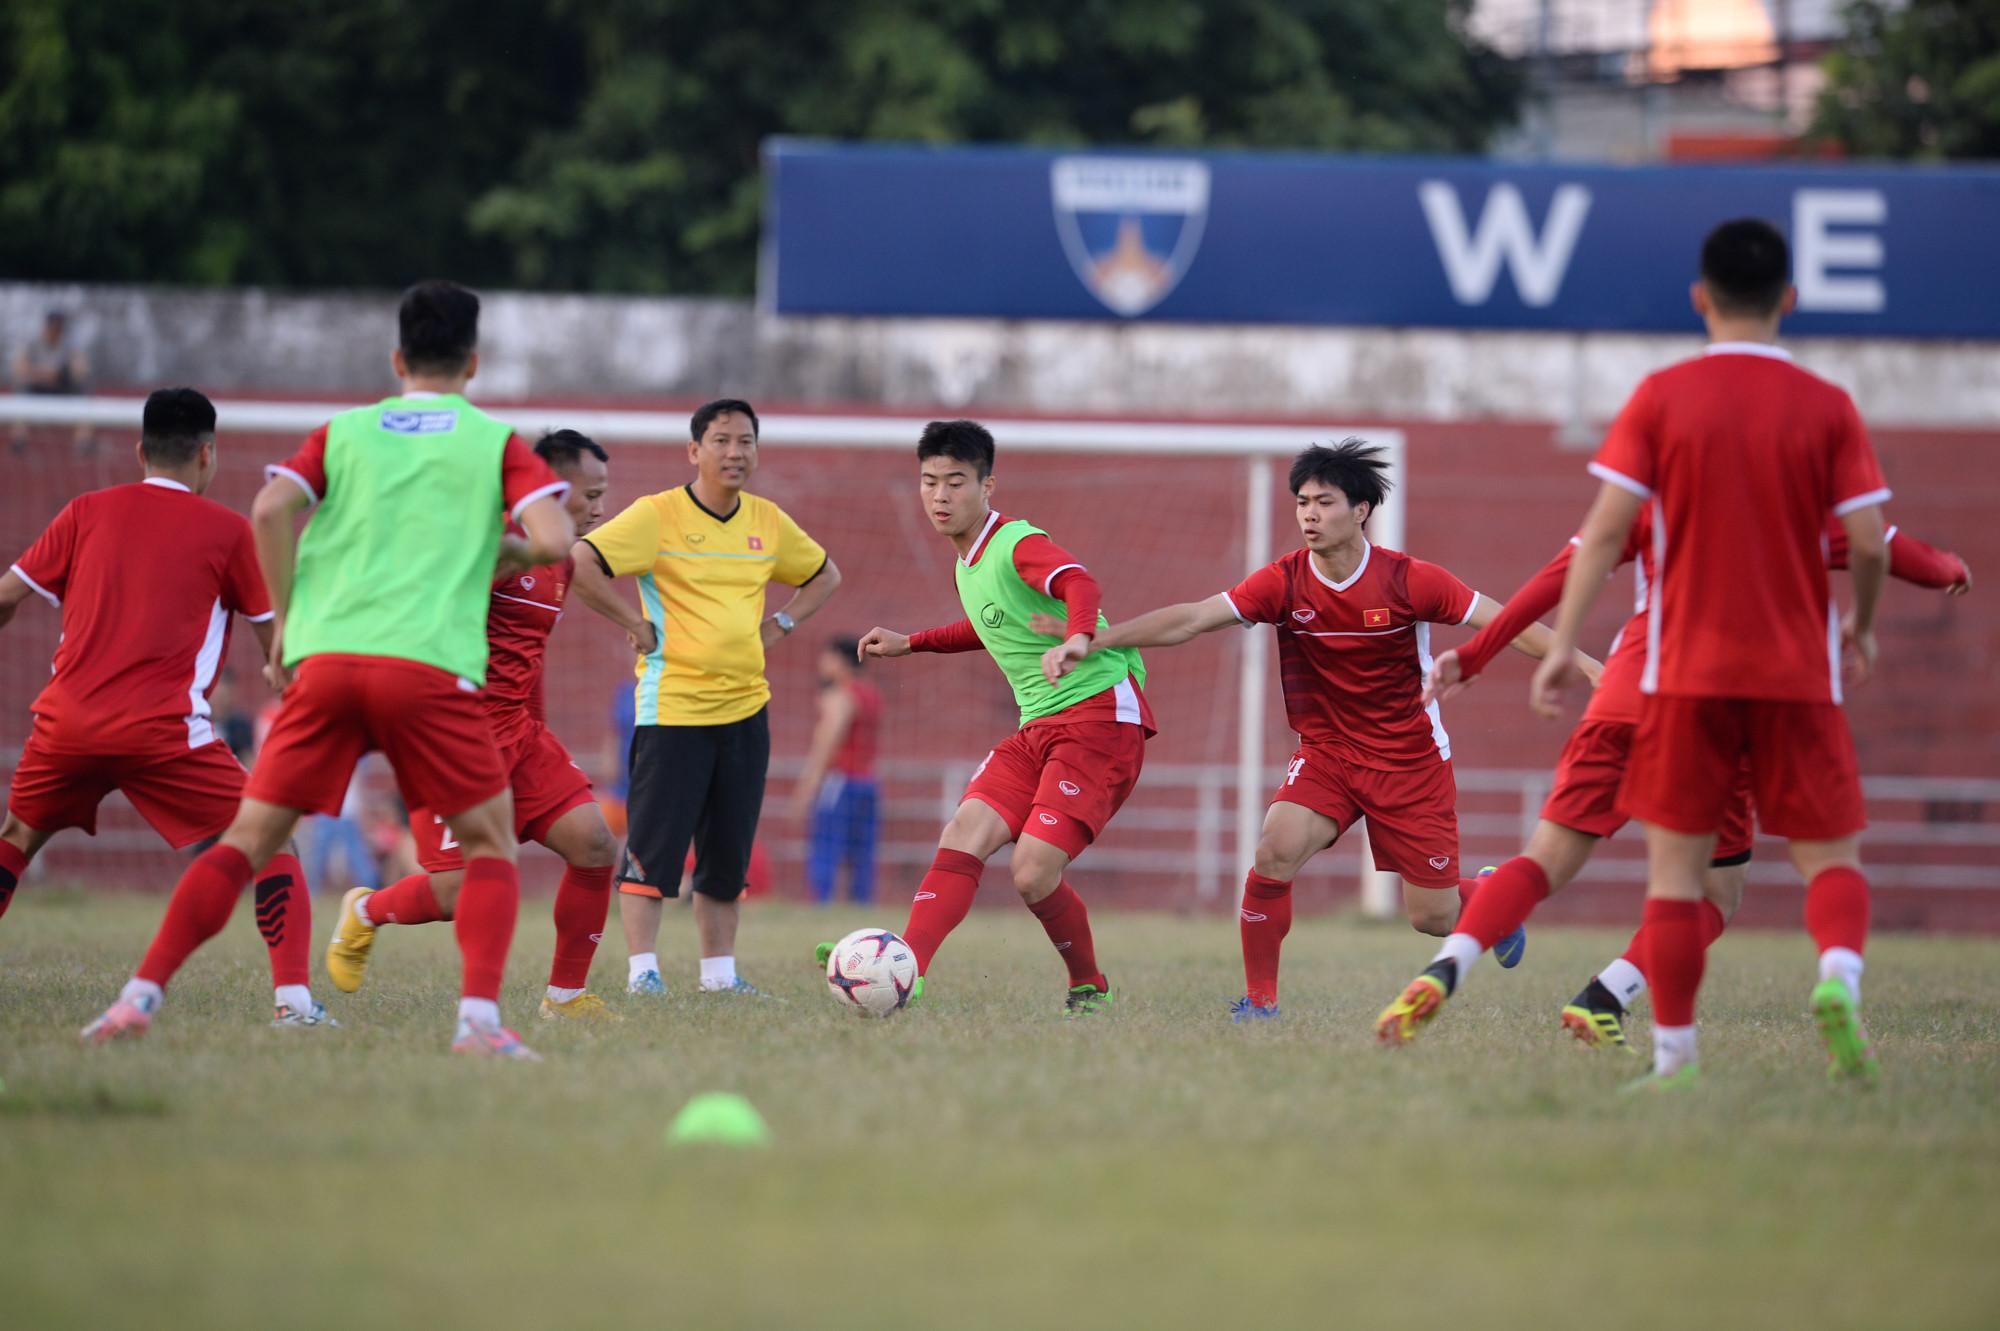 Tuyển Việt Nam tập chung sân với người dân đi tập thể dục Ảnh 6